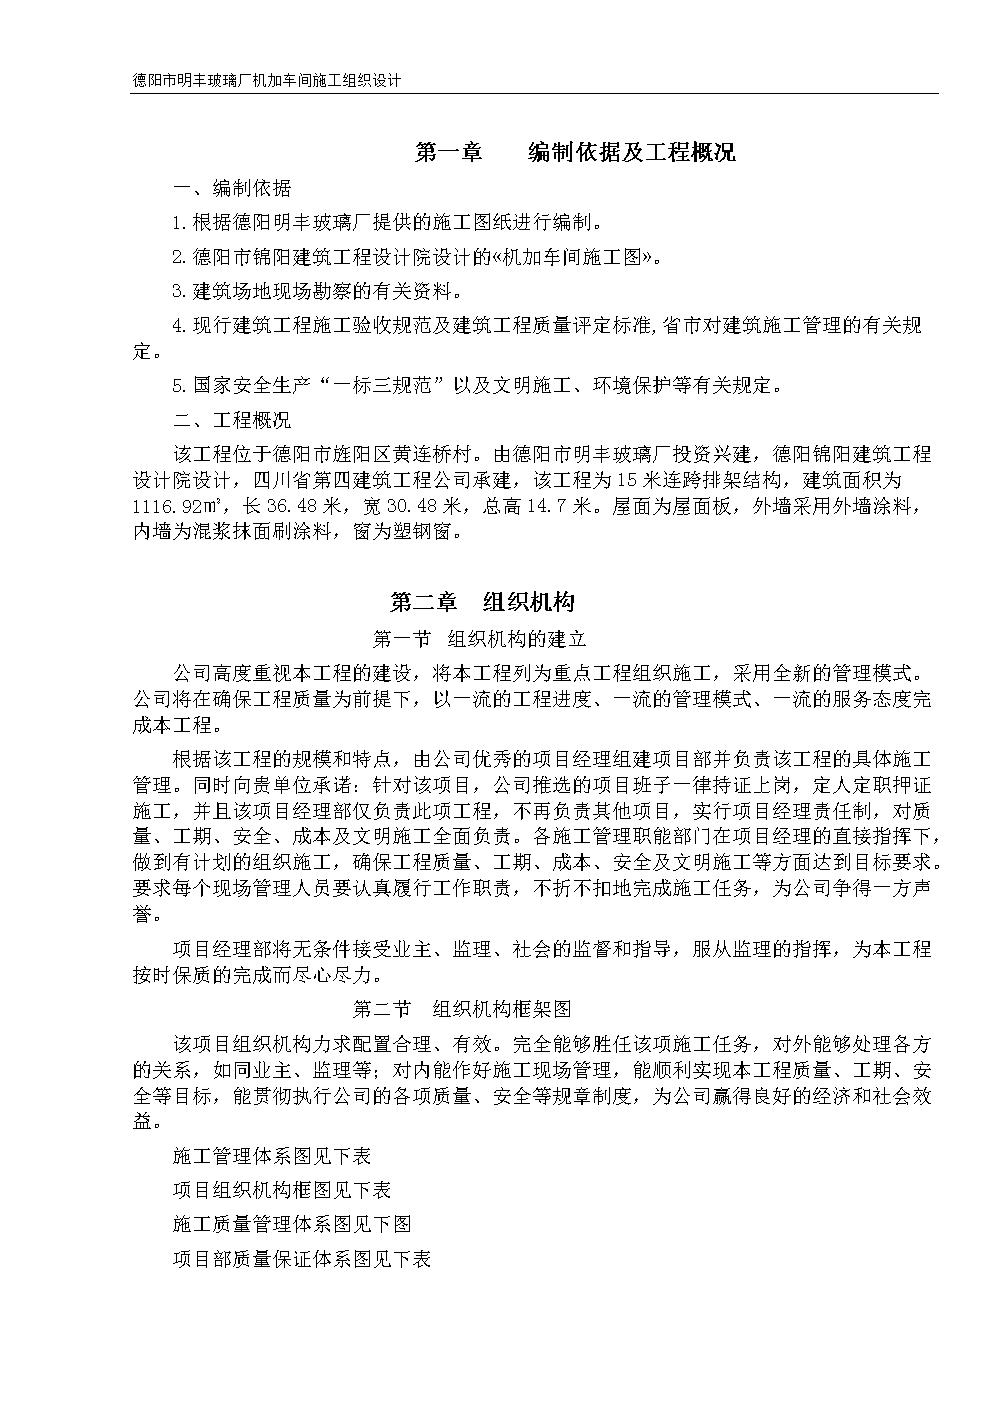 明丰玻璃厂车间机加设计组织设计详解.doc投票卡施工图片